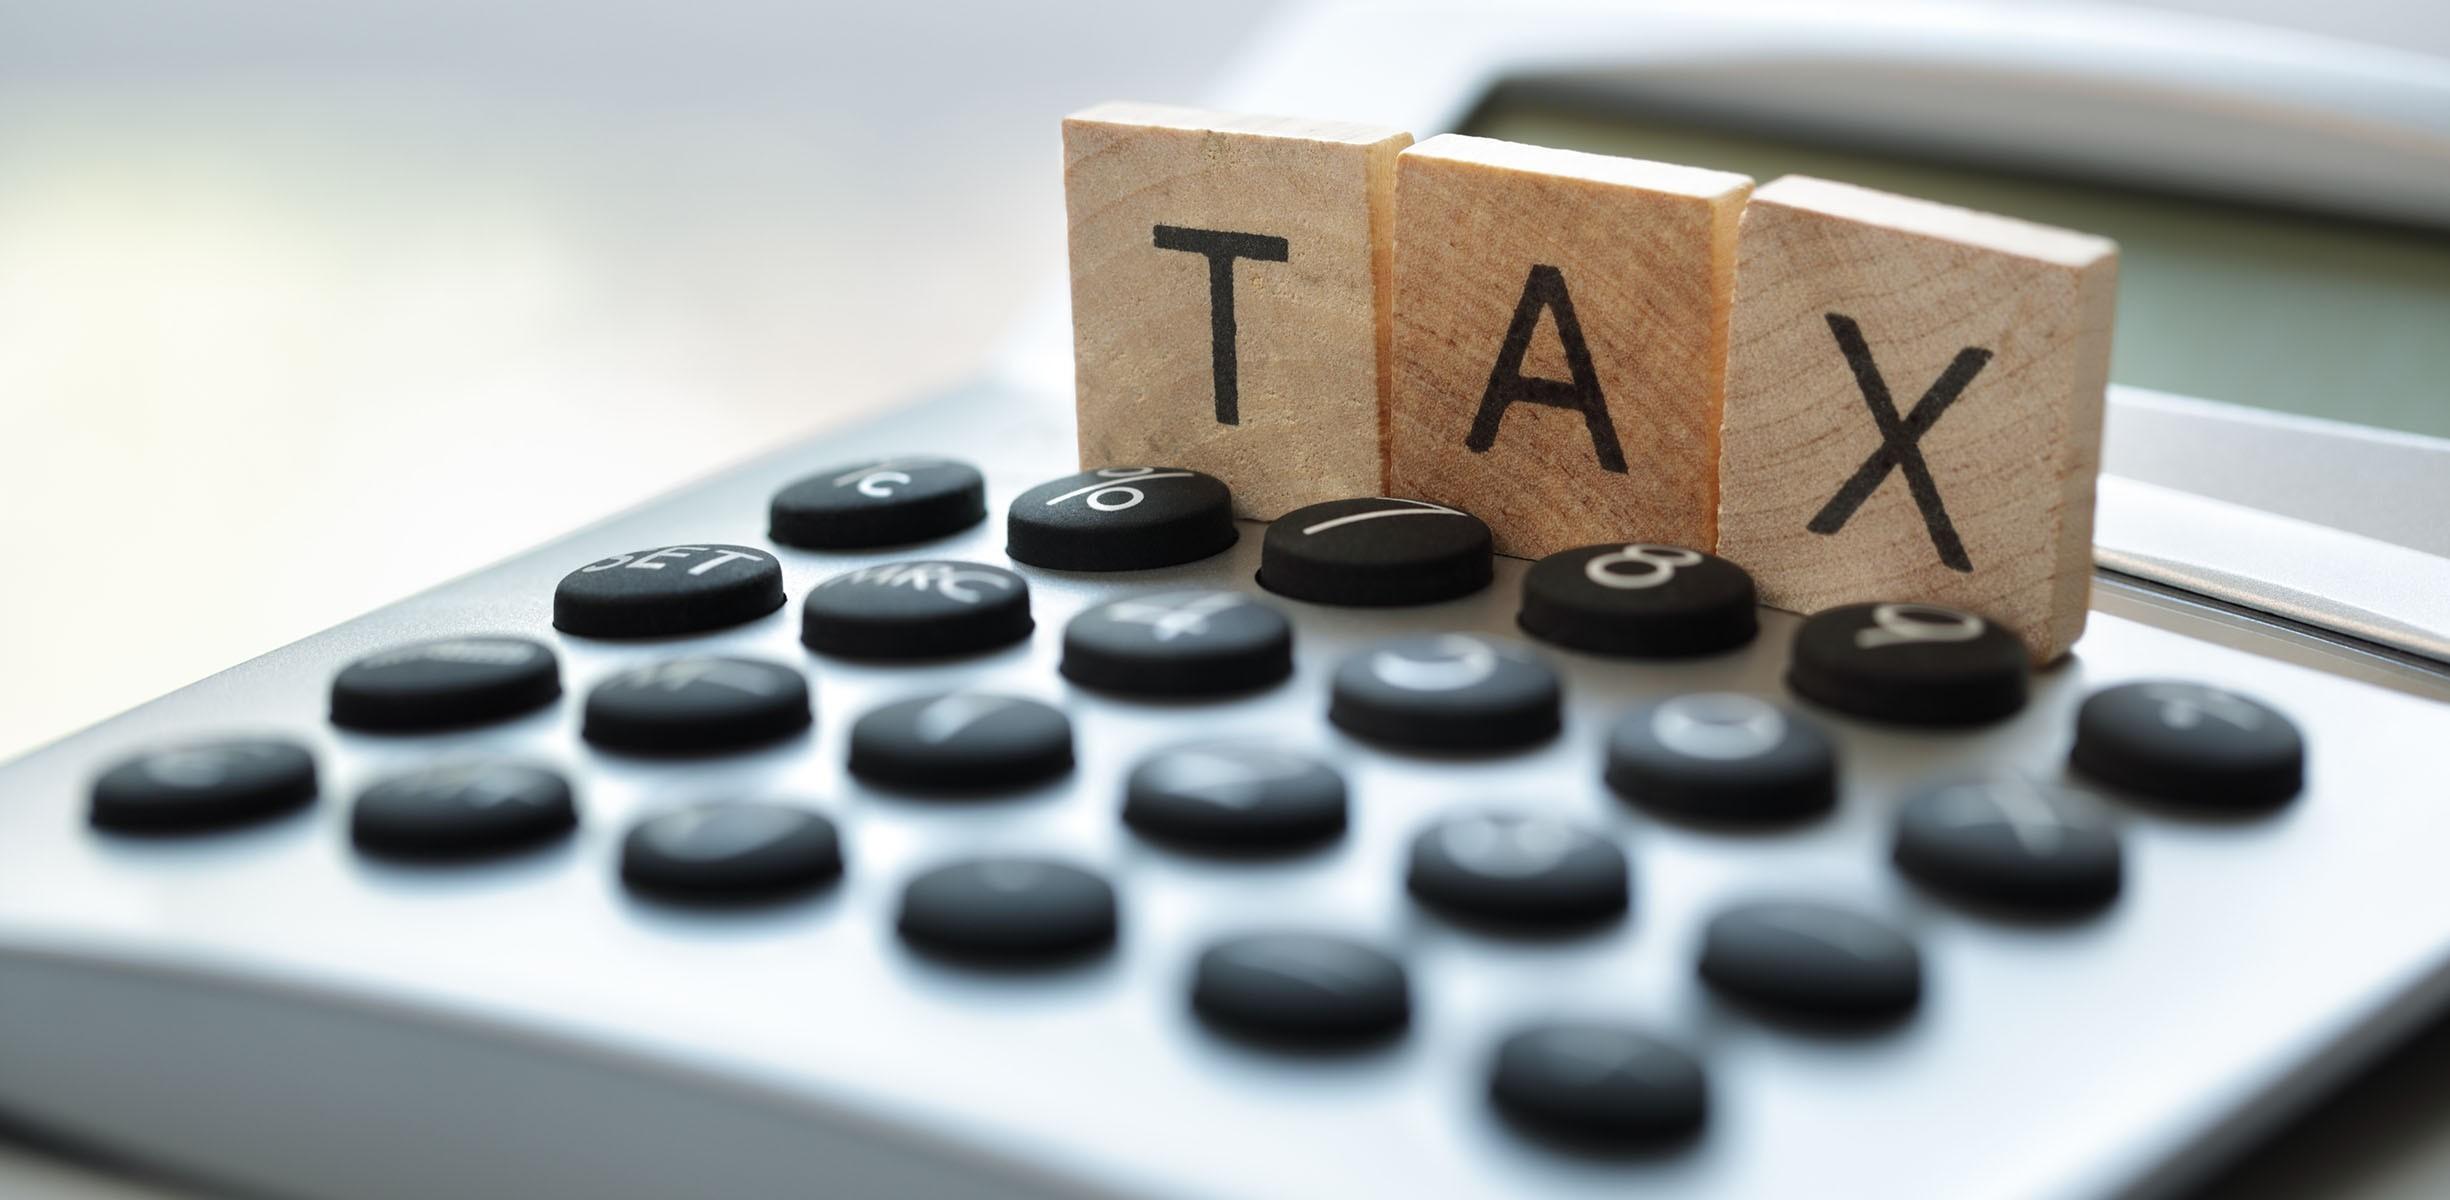 Cumpărați proprietățile unei întreprinderi declarată insolvabilă? Fiscul spune că sunteți subiecți impozabili cu TVA